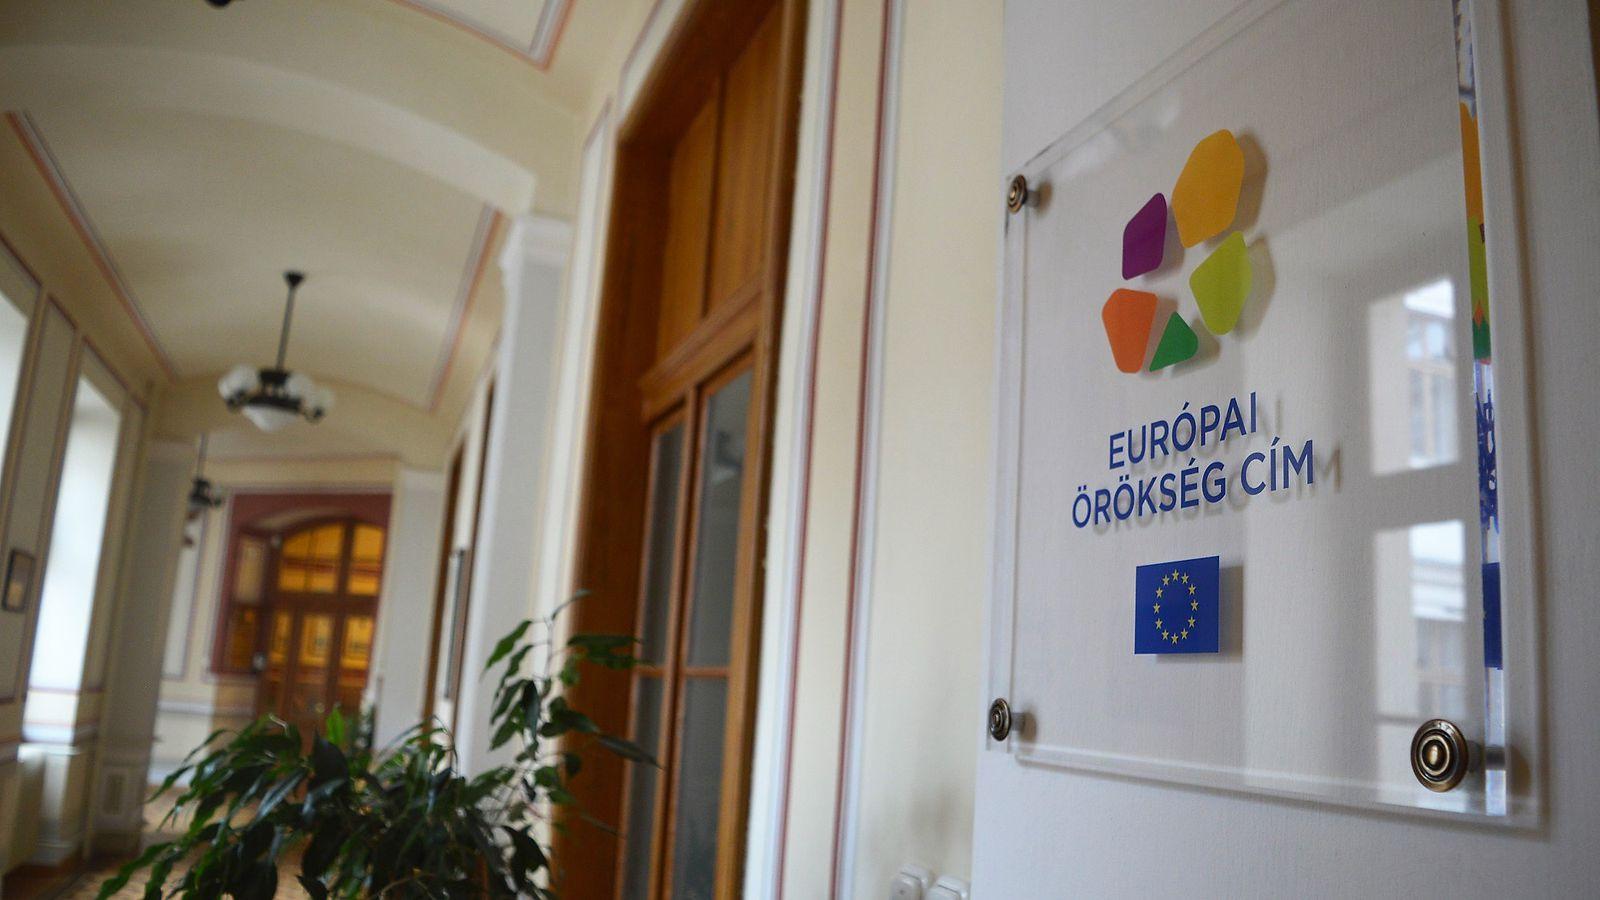 Európai örökség cím